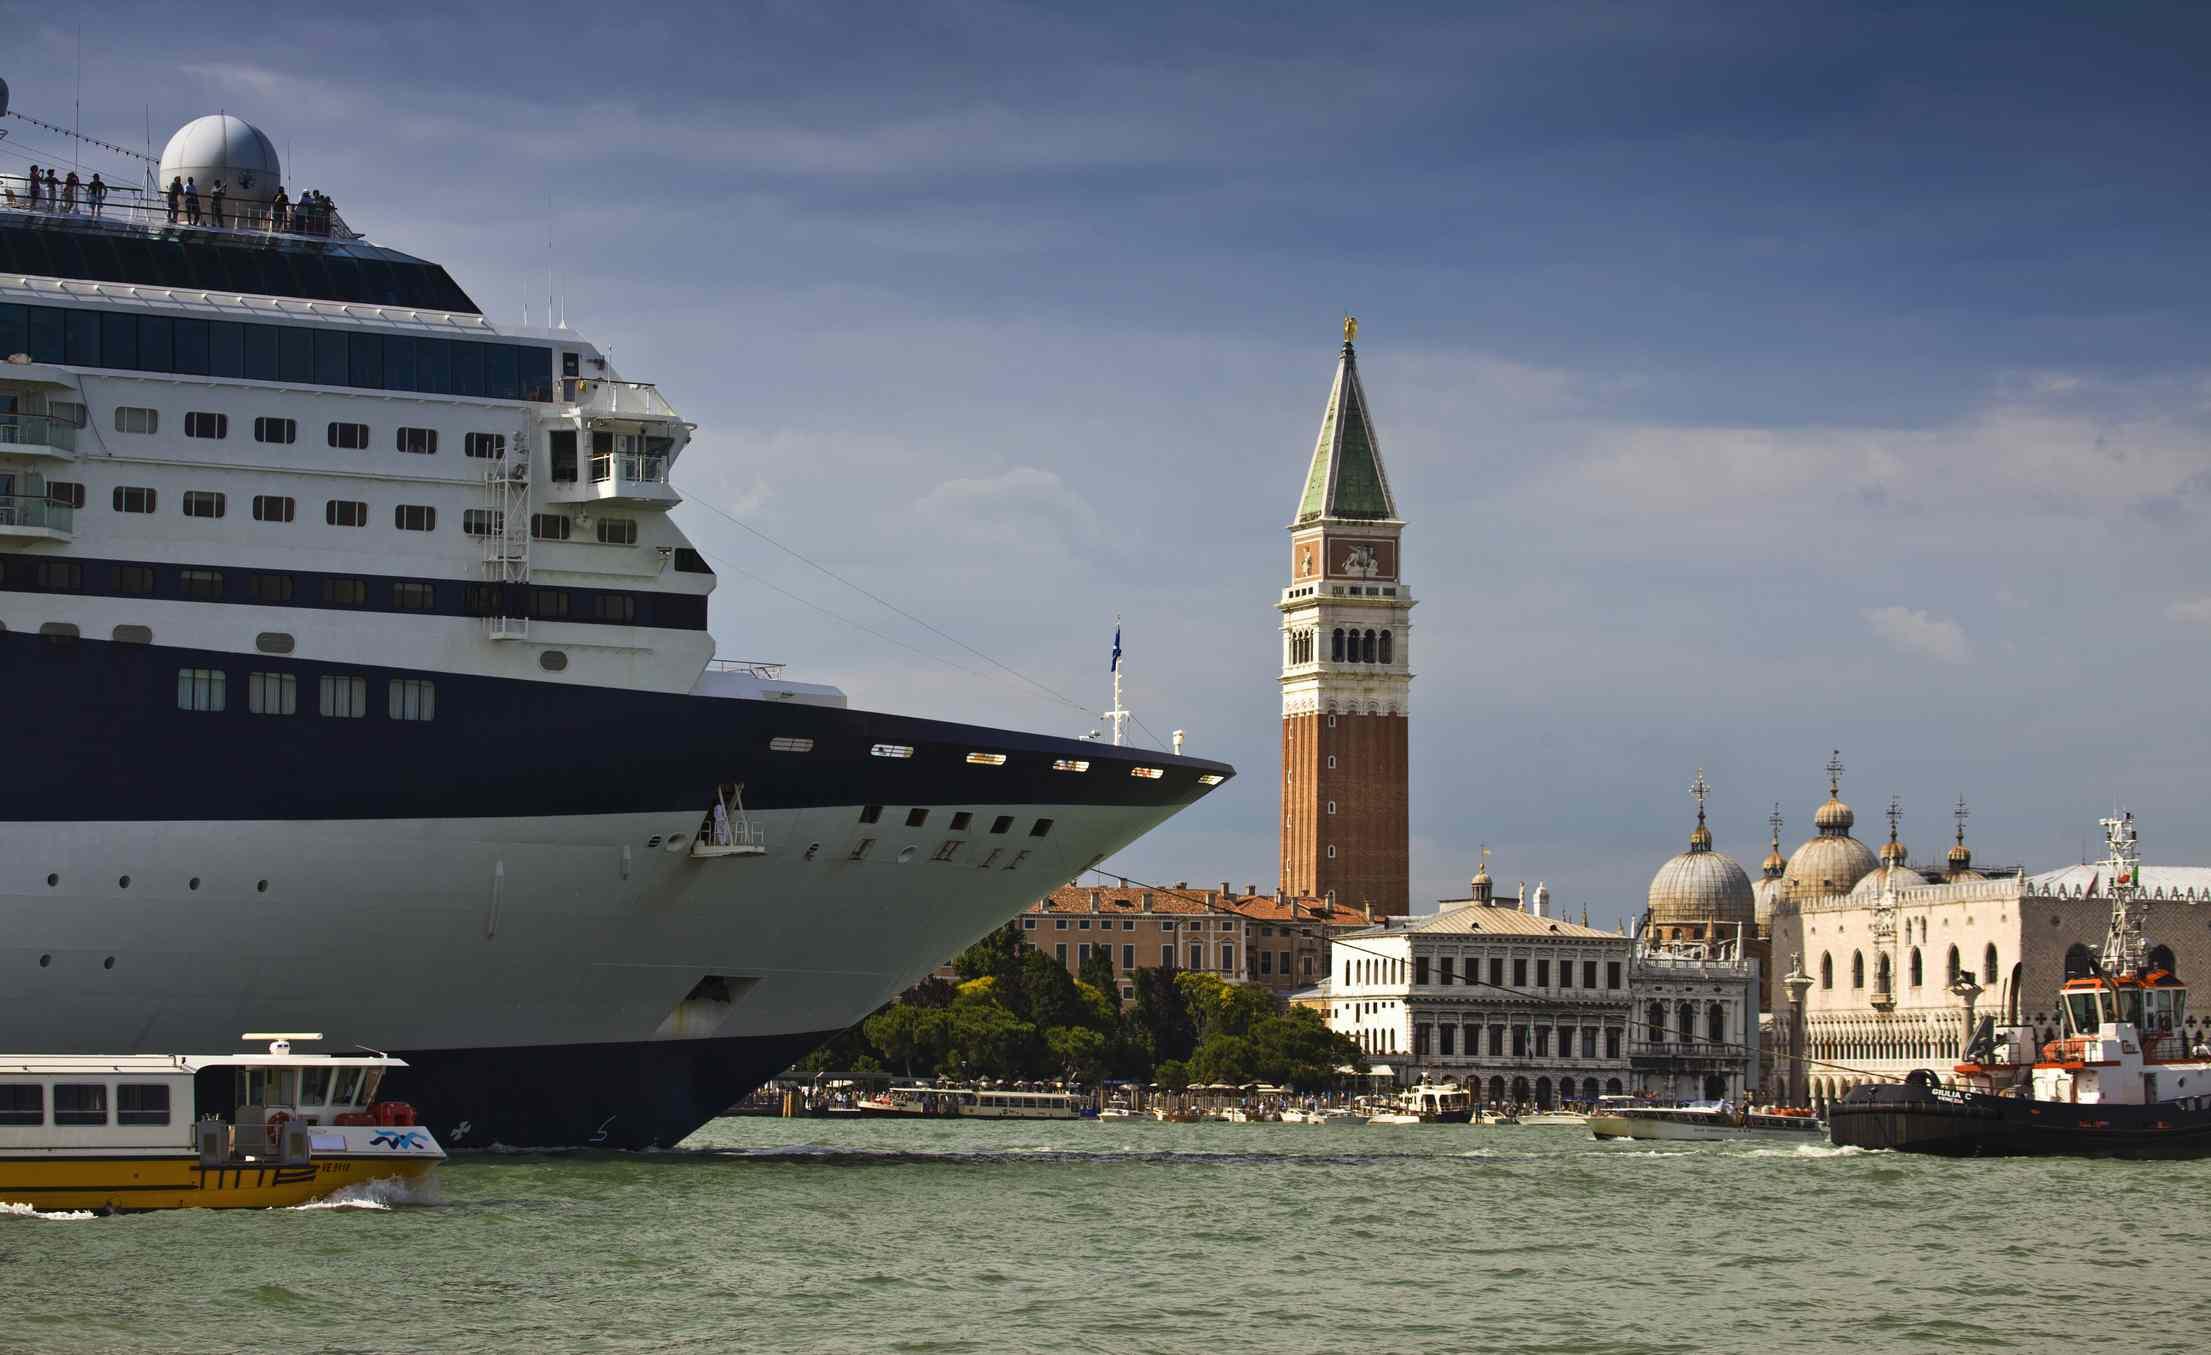 A cruise ship entering Venice, Italy